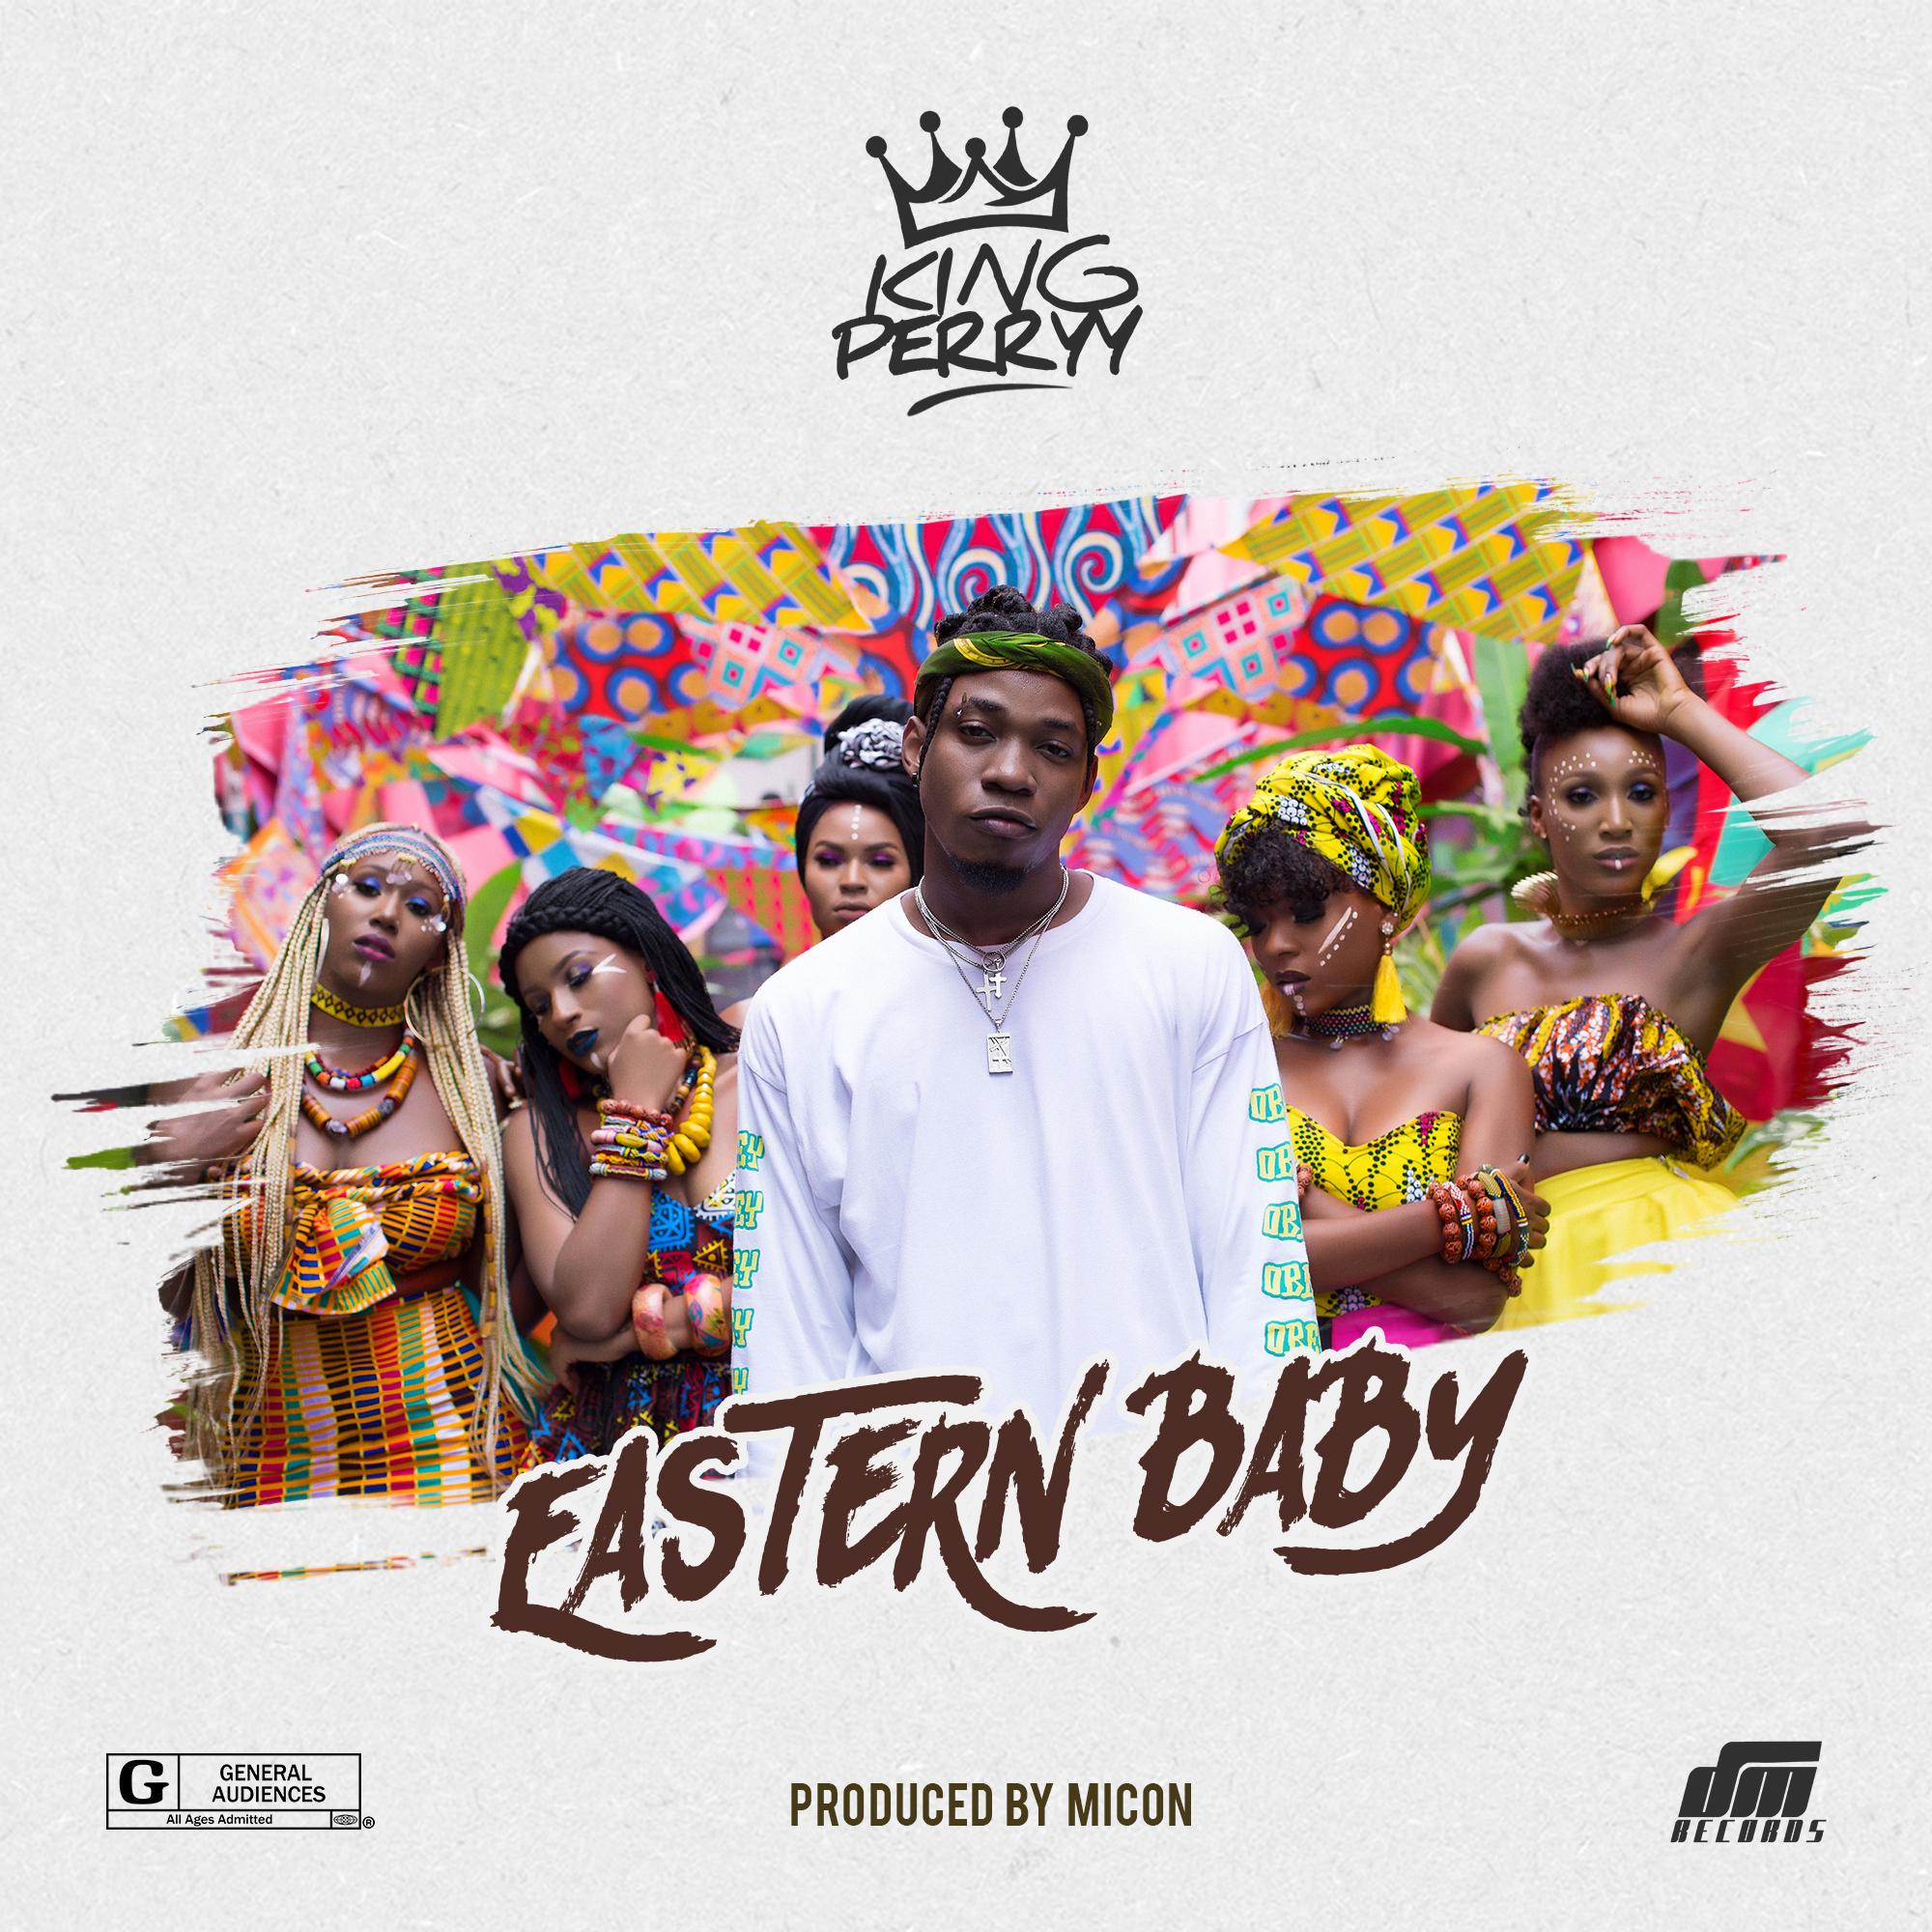 King Perryy - Eastern Baby